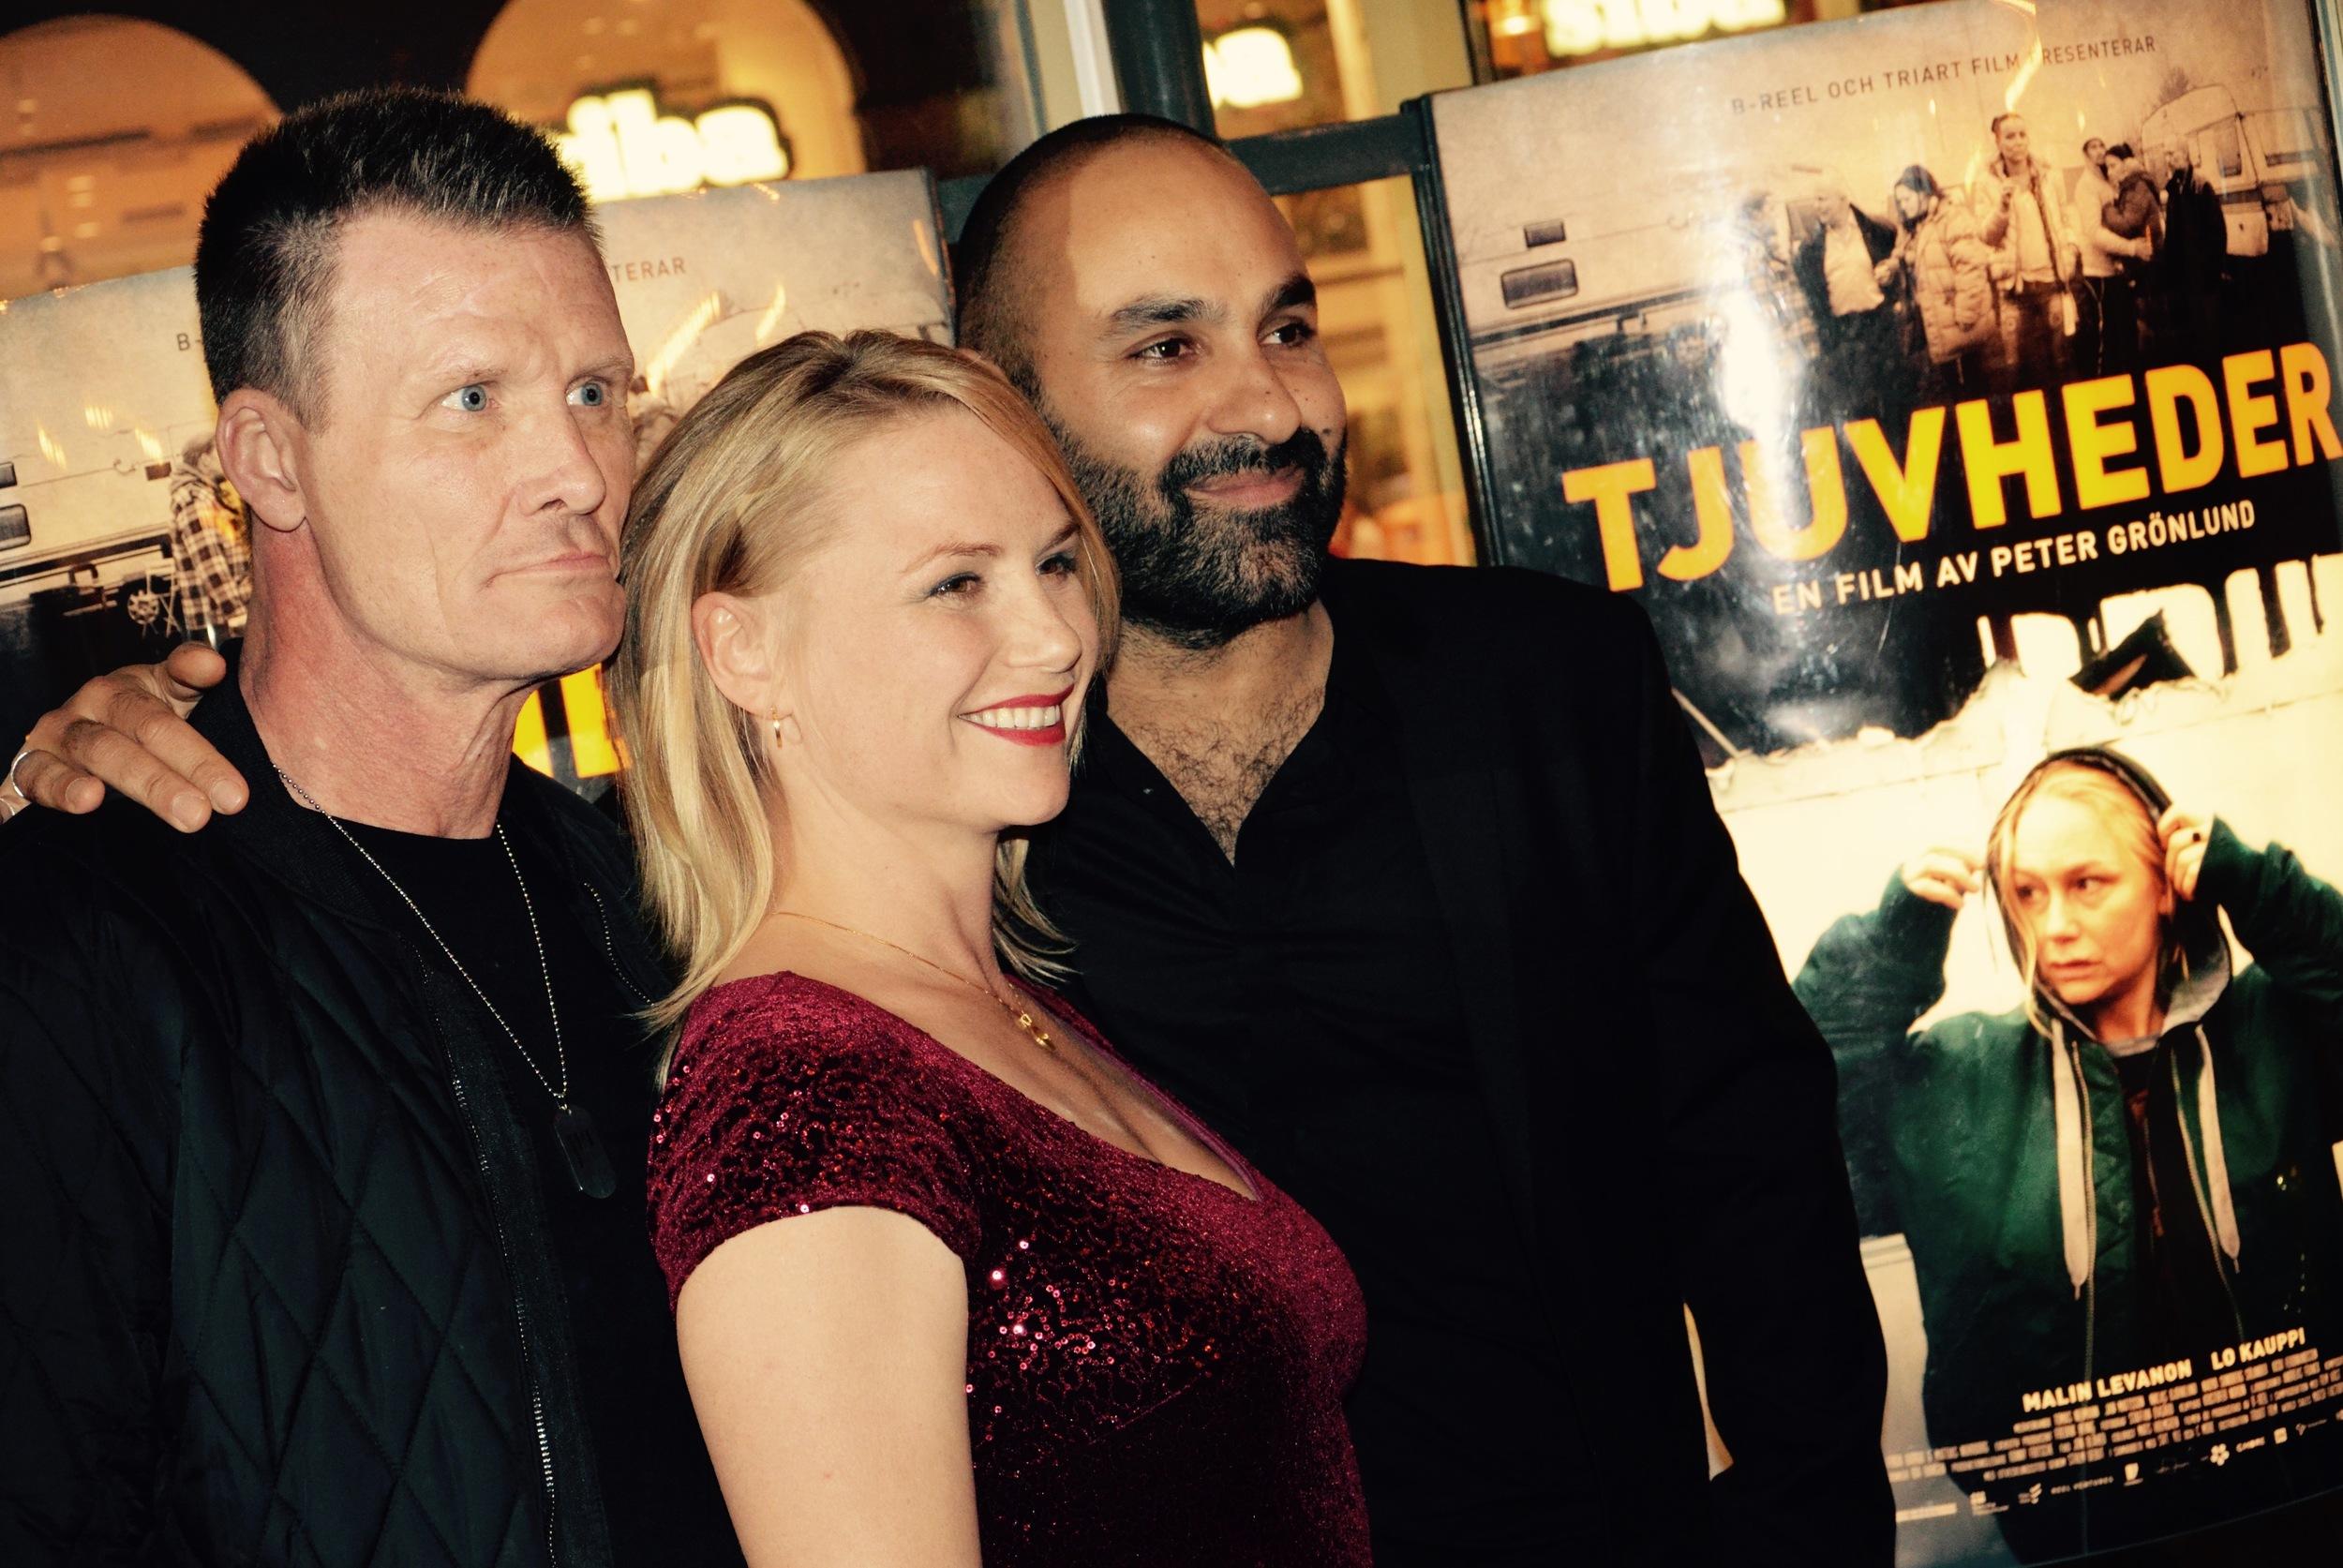 Jan Mattsson, Malin Levanon och Peter Grönlund på Tjuvheders galapremiär.  Drifters galapremiere 12 October 2015